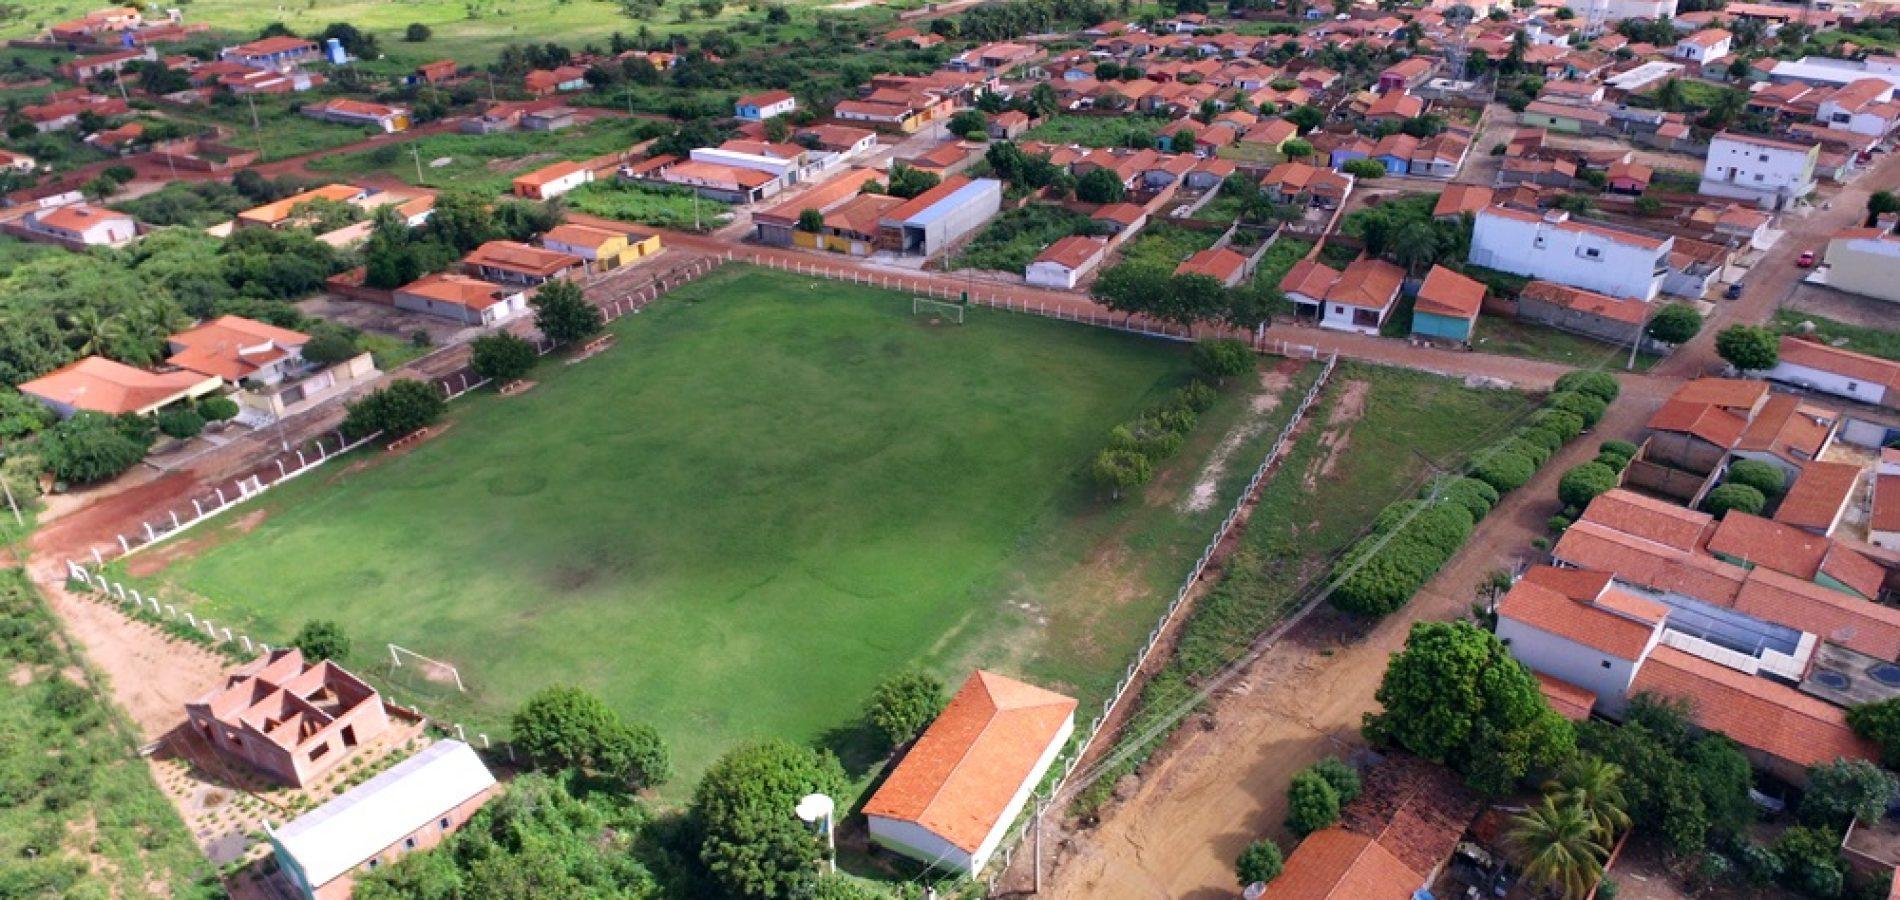 Prefeitura de Geminiano vai realizar Campeonato de Futebol com 12 times e R$ 8 mil em prêmios